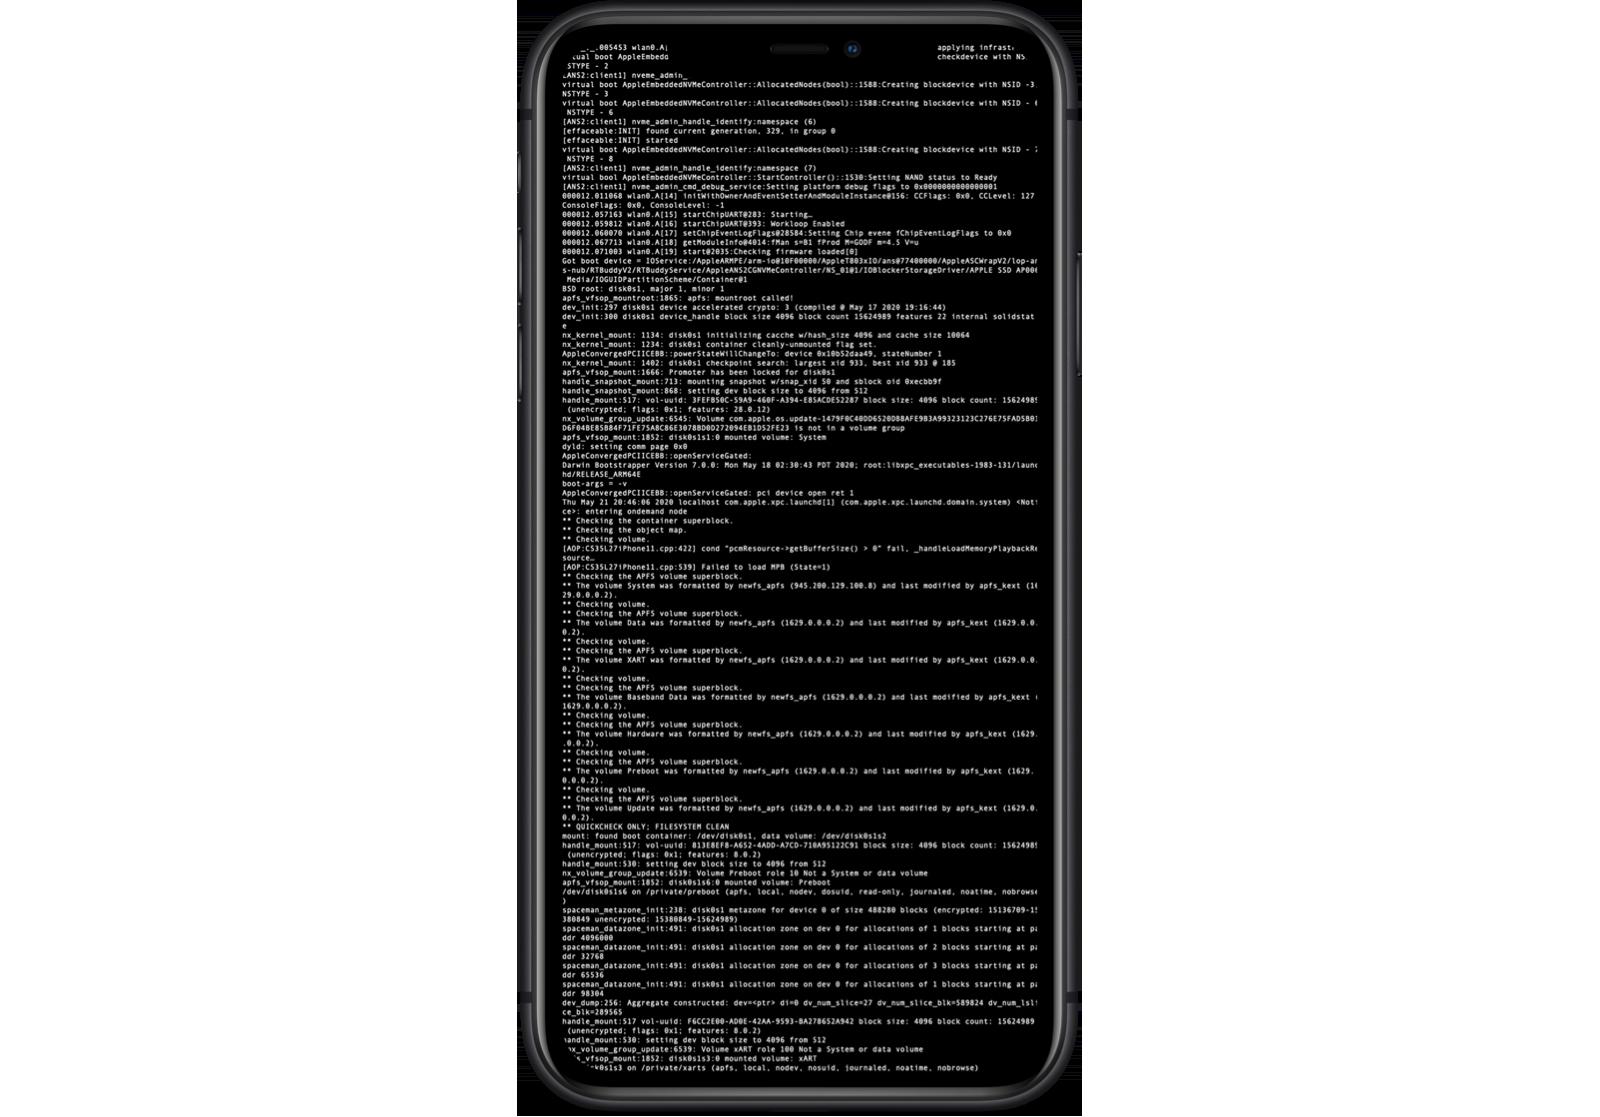 De nye iPhone-variantene som sendes til hackere får full kommandolinjetilgang med administratorrettigheter. Telefonene er så spesielle at Apple advarer om at de ikke skal tas med ut av brukernes laboratorier.